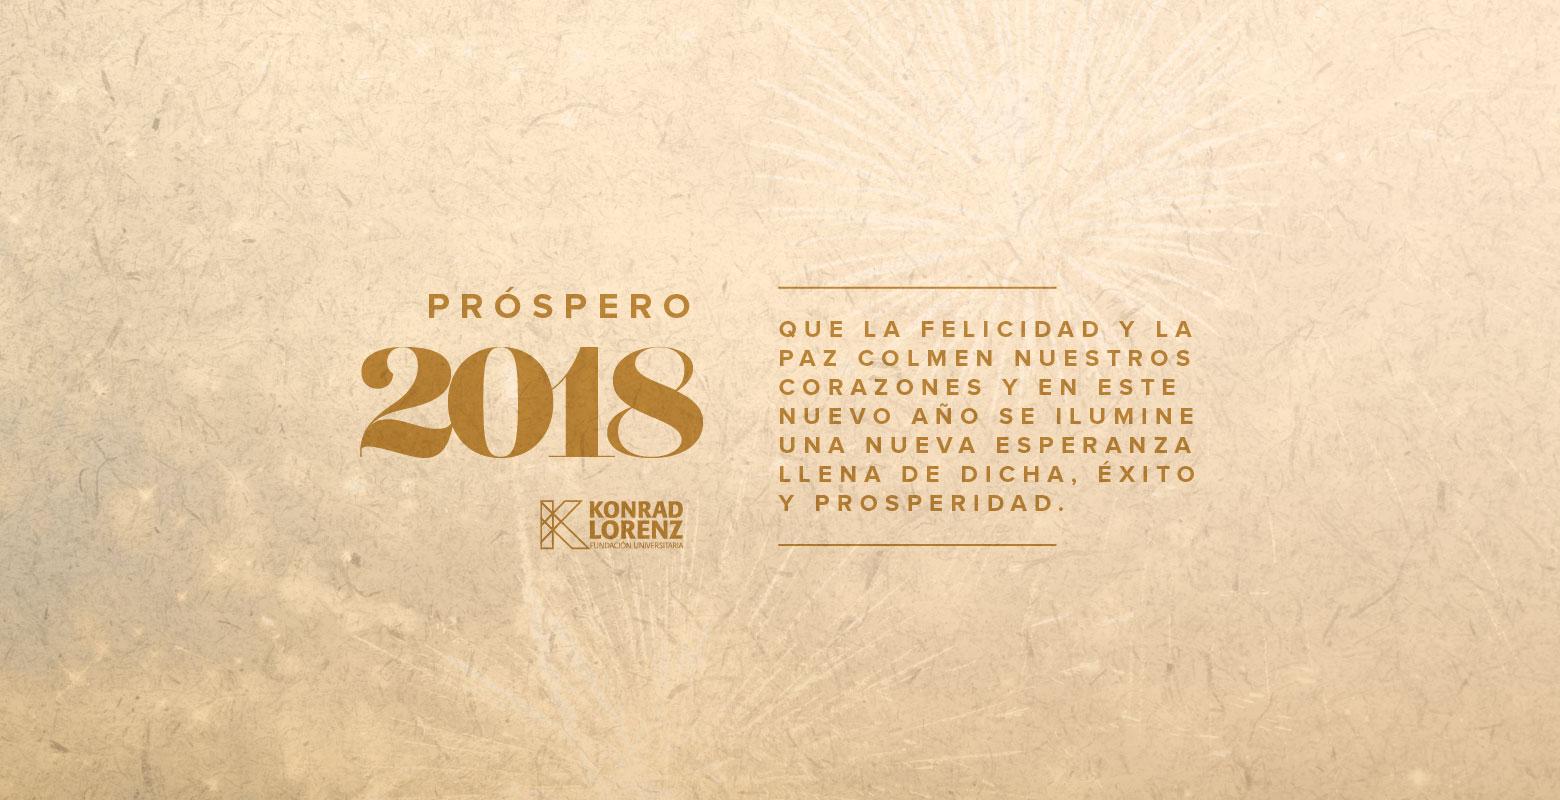 ¡Próspero 2018!